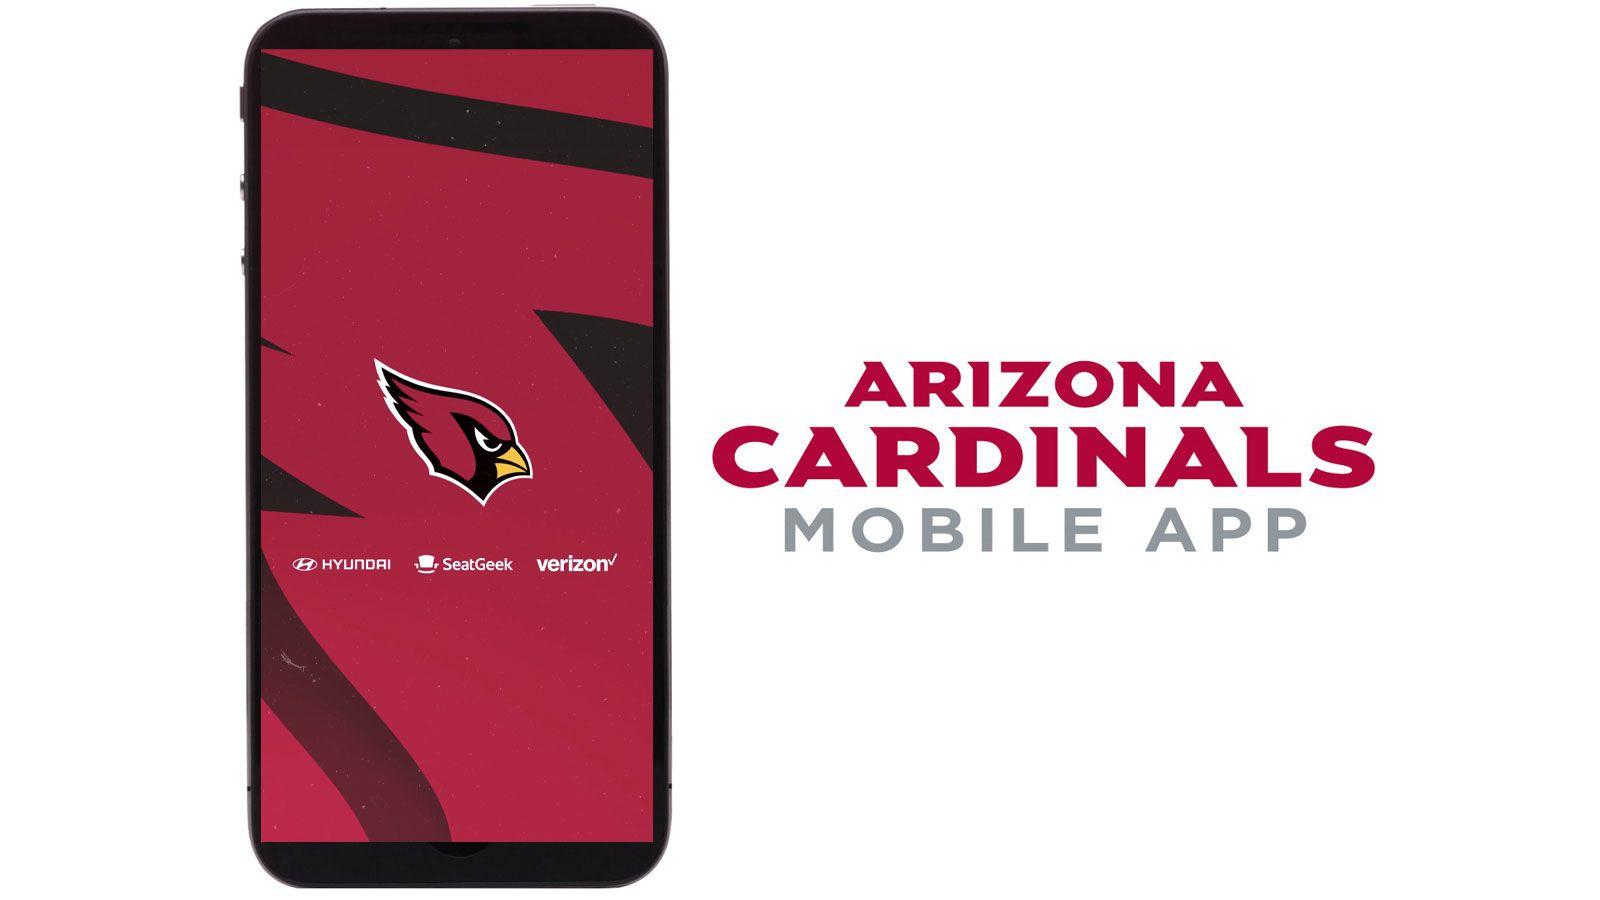 Arizona Cardinals Mobile App